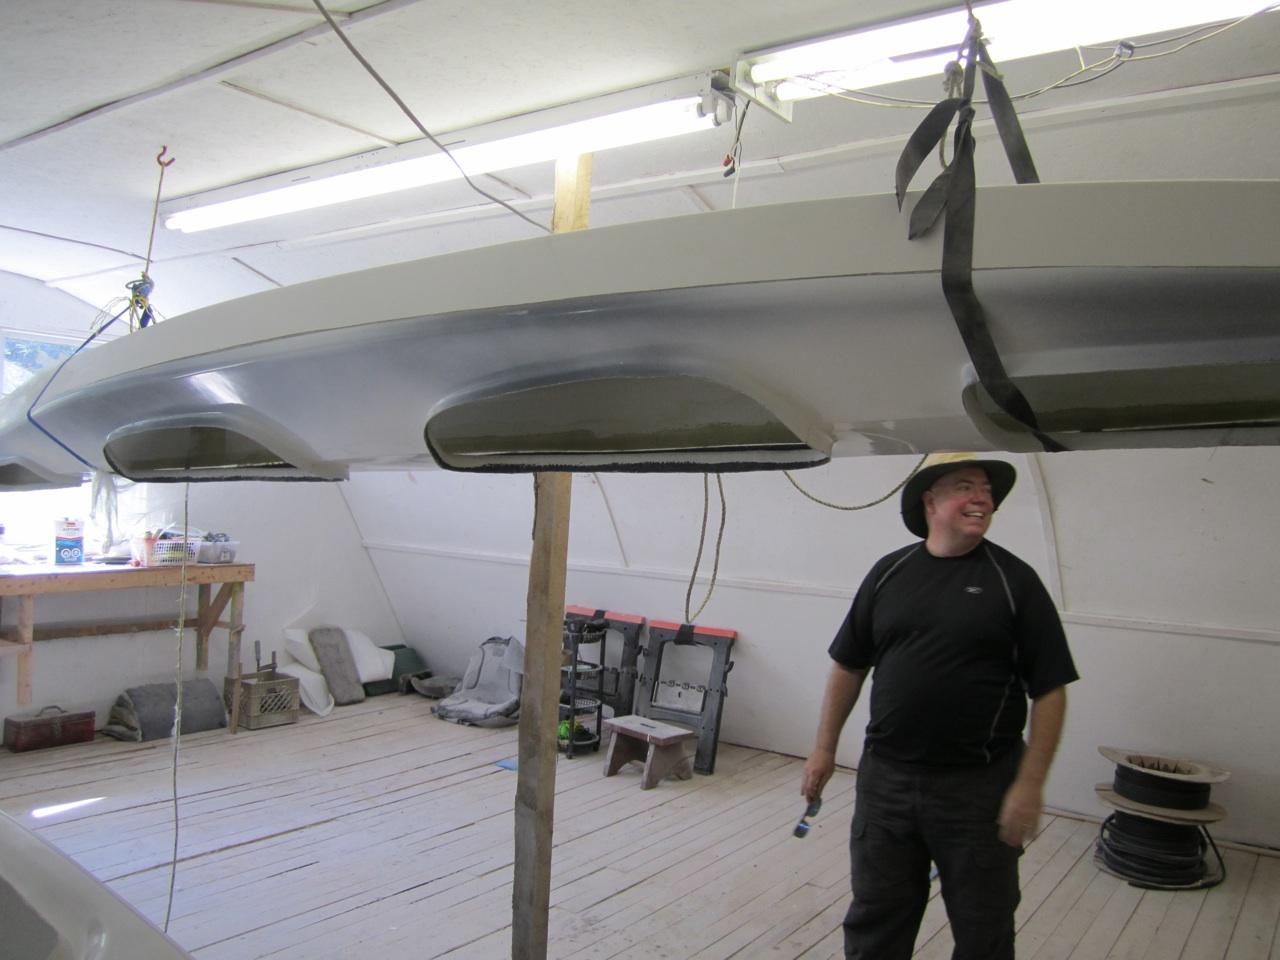 David Checking Out The Hanging Kayak